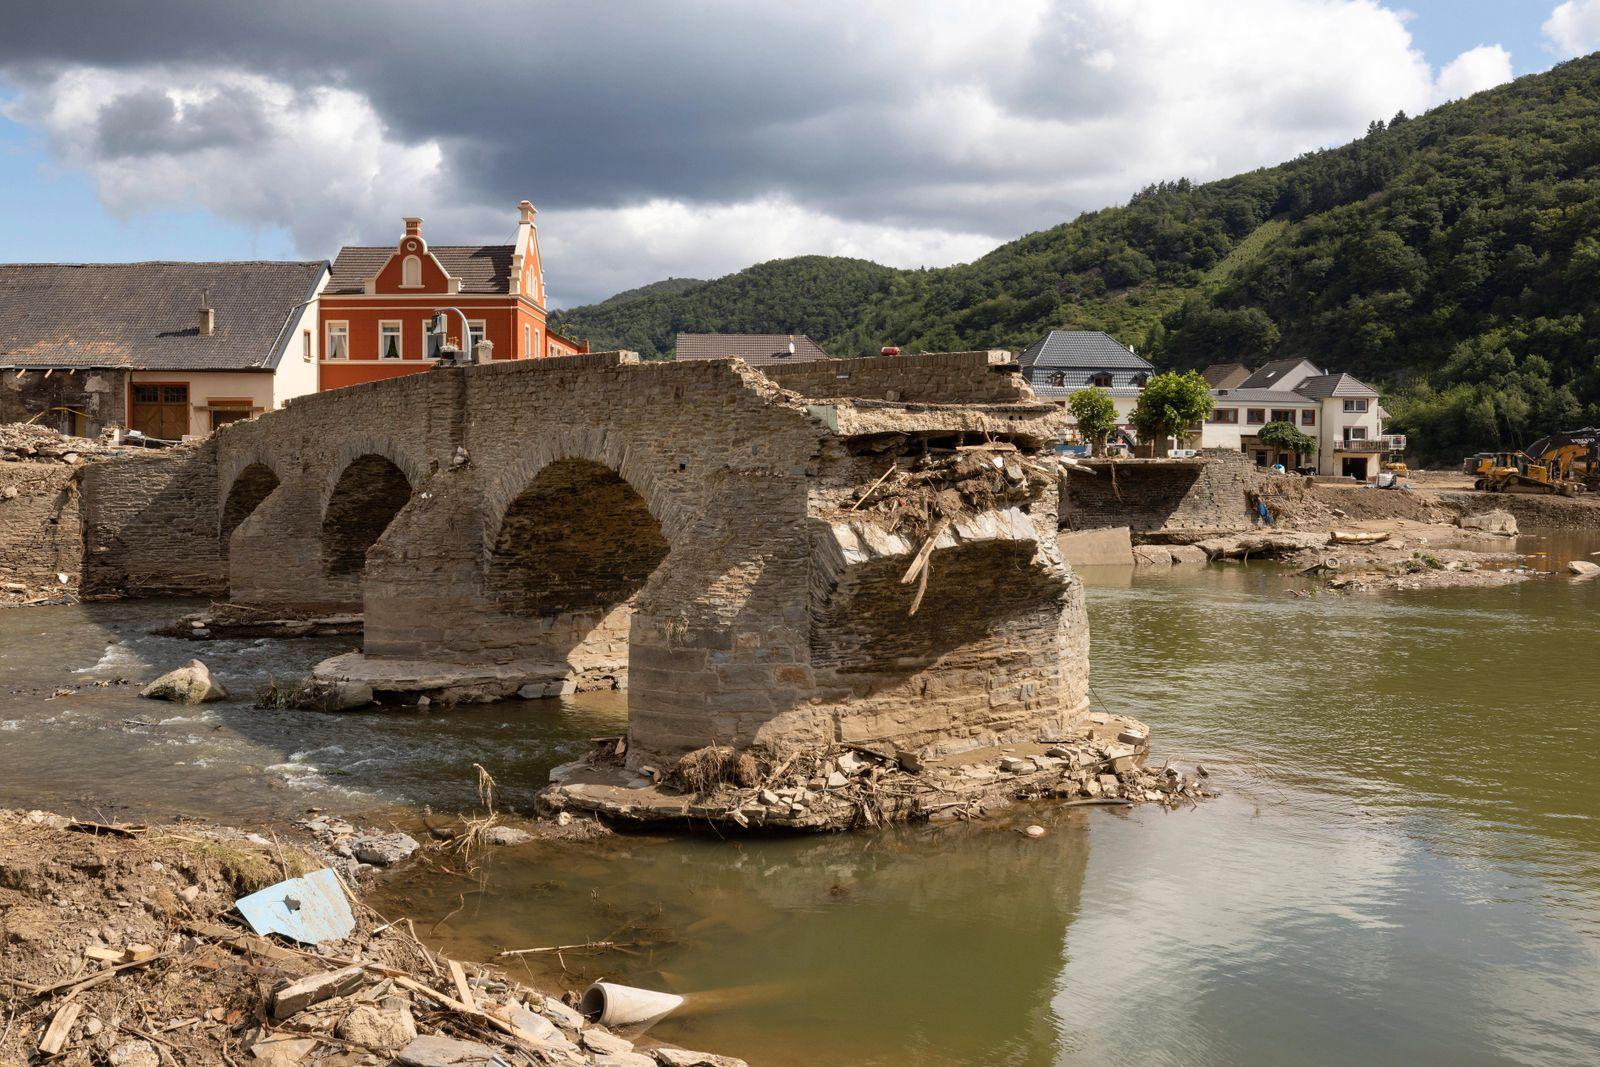 Nach der Flutkastastrofe Die Flut hat im Weindorf Rech eine Brücke zerstört. Entlang der Ahr in Rheinland-Pfalz haben d